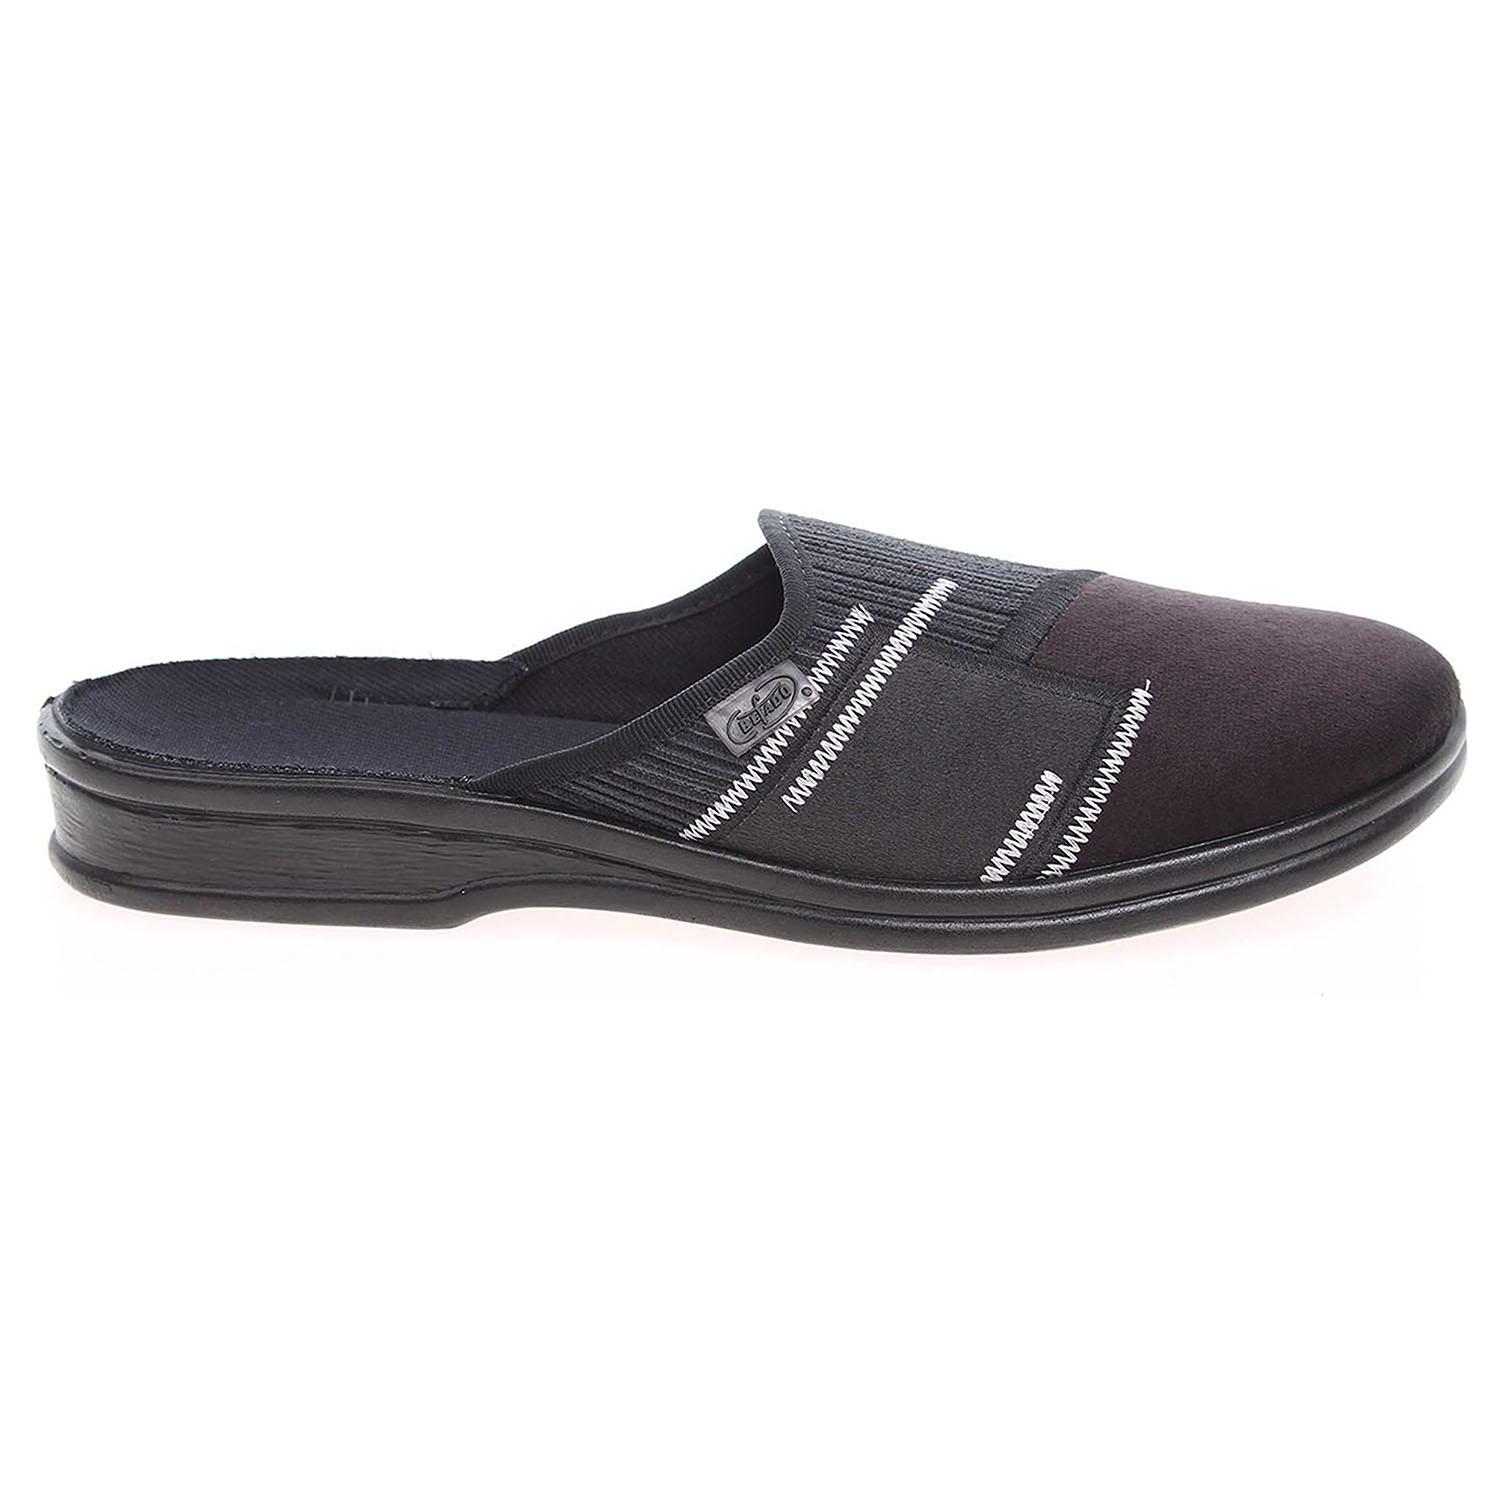 Befado pánské domácí pantofle 953M023 černé 42